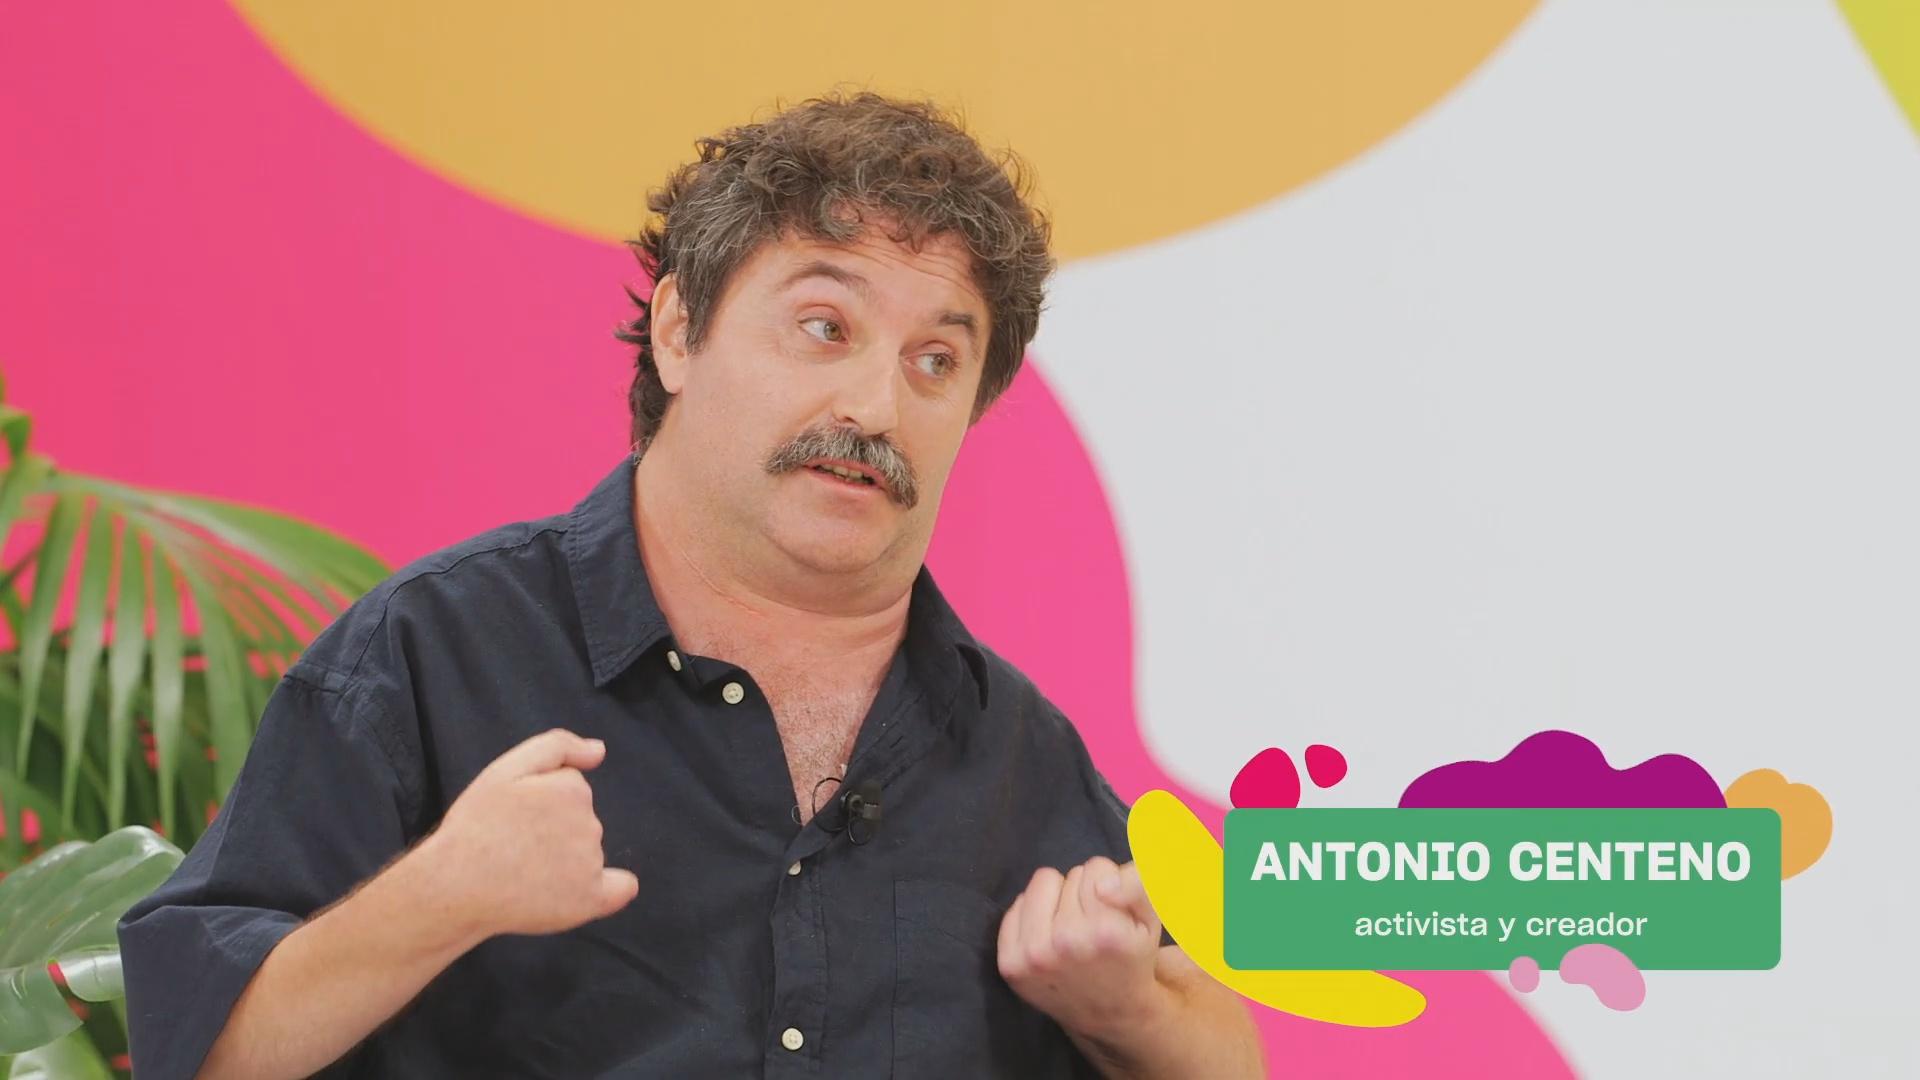 Fotograma de la intervención de Antonio Centeno en el programa